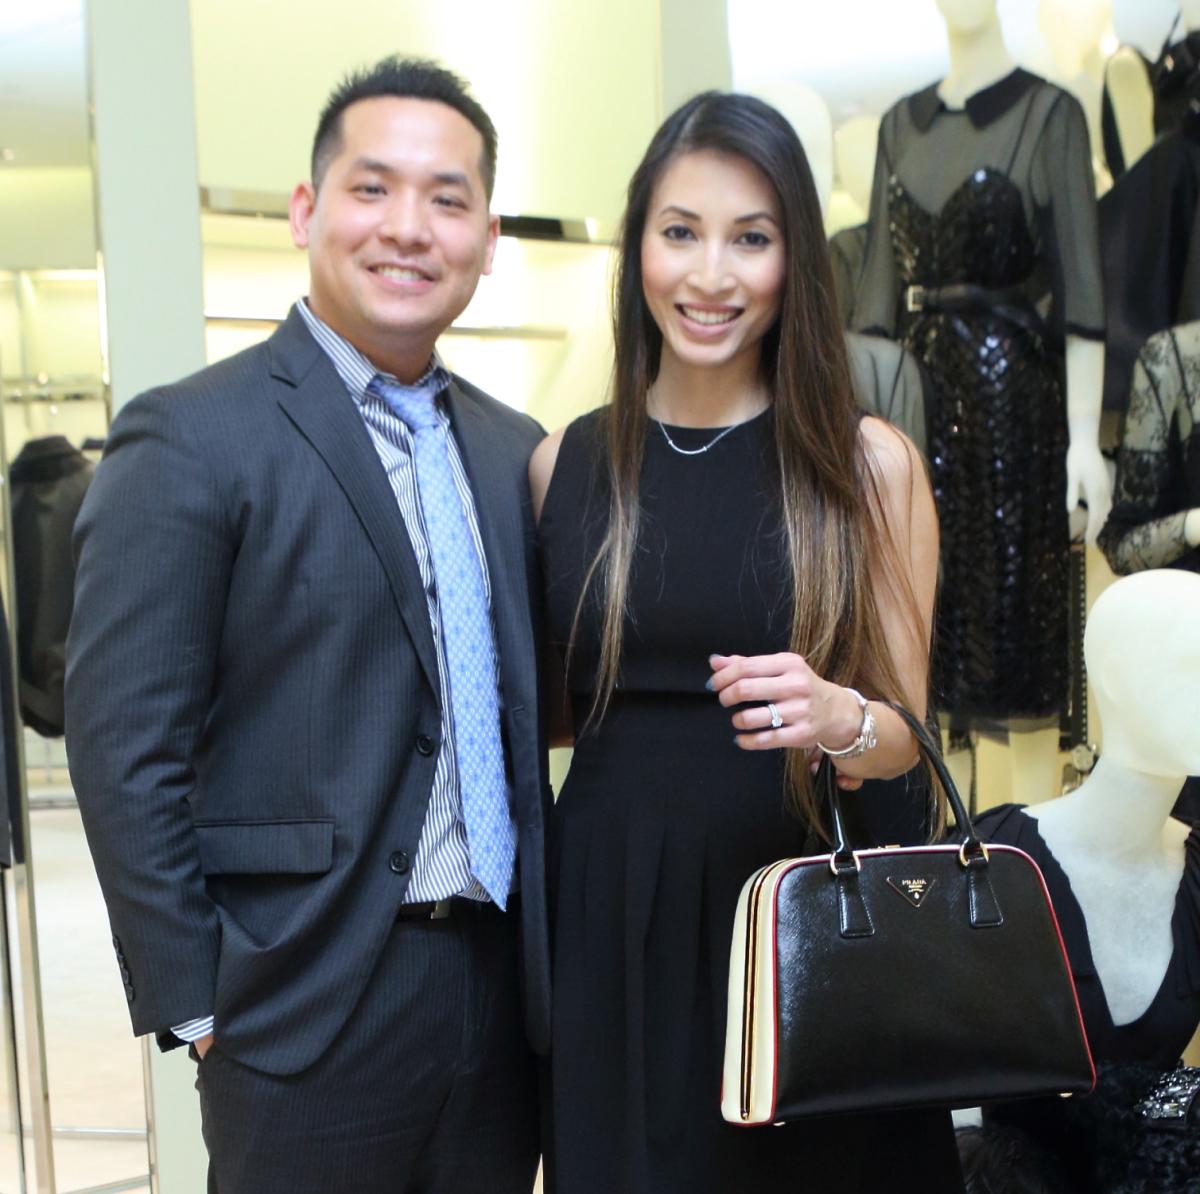 Ryan Nguyen, Vy Le at APAHA kickoff party at Prada